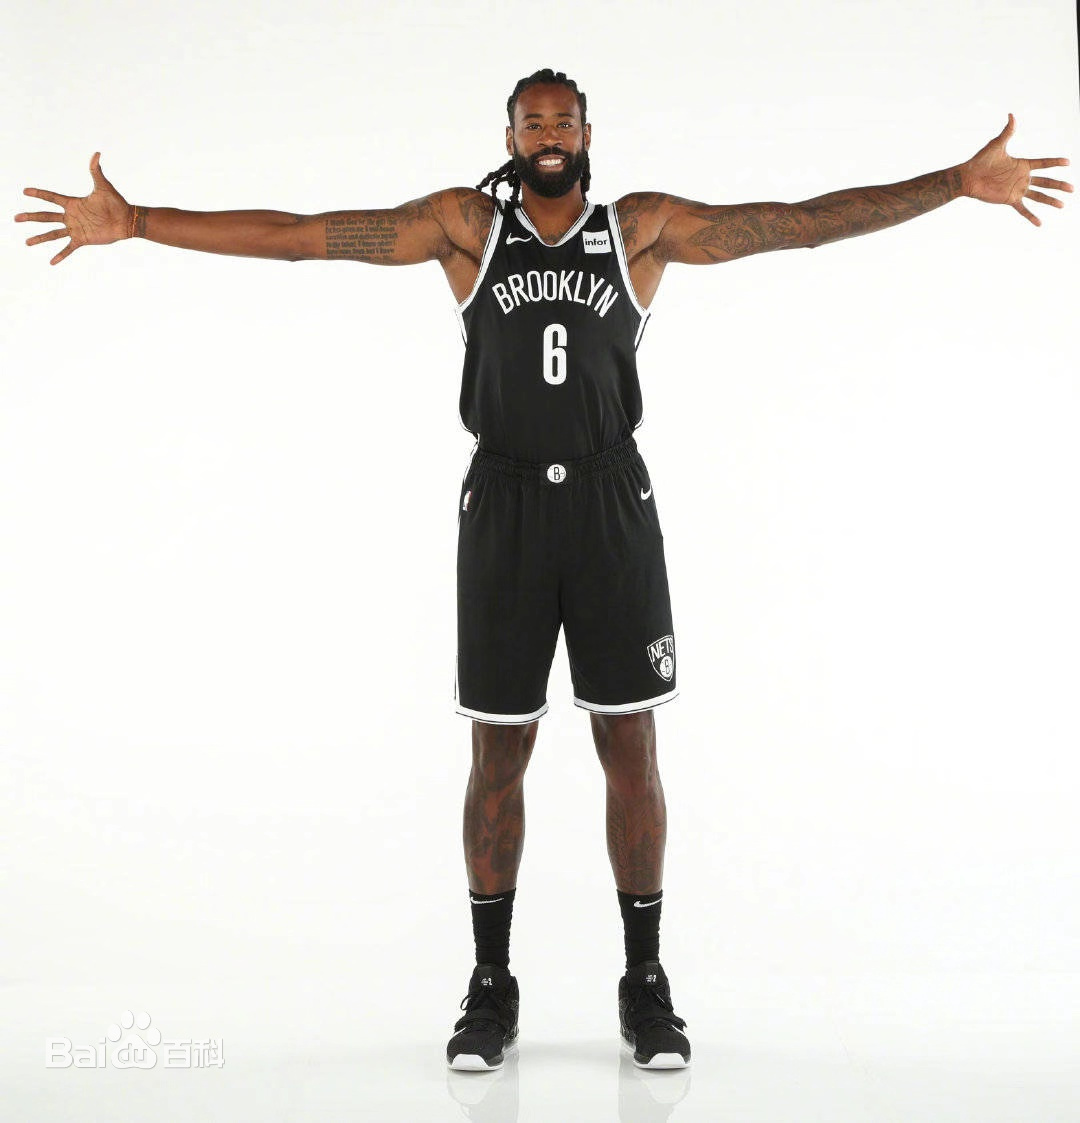 小乔丹新冠检测呈阳性 已确定不会参加复赛 NBA球员感染仍增加